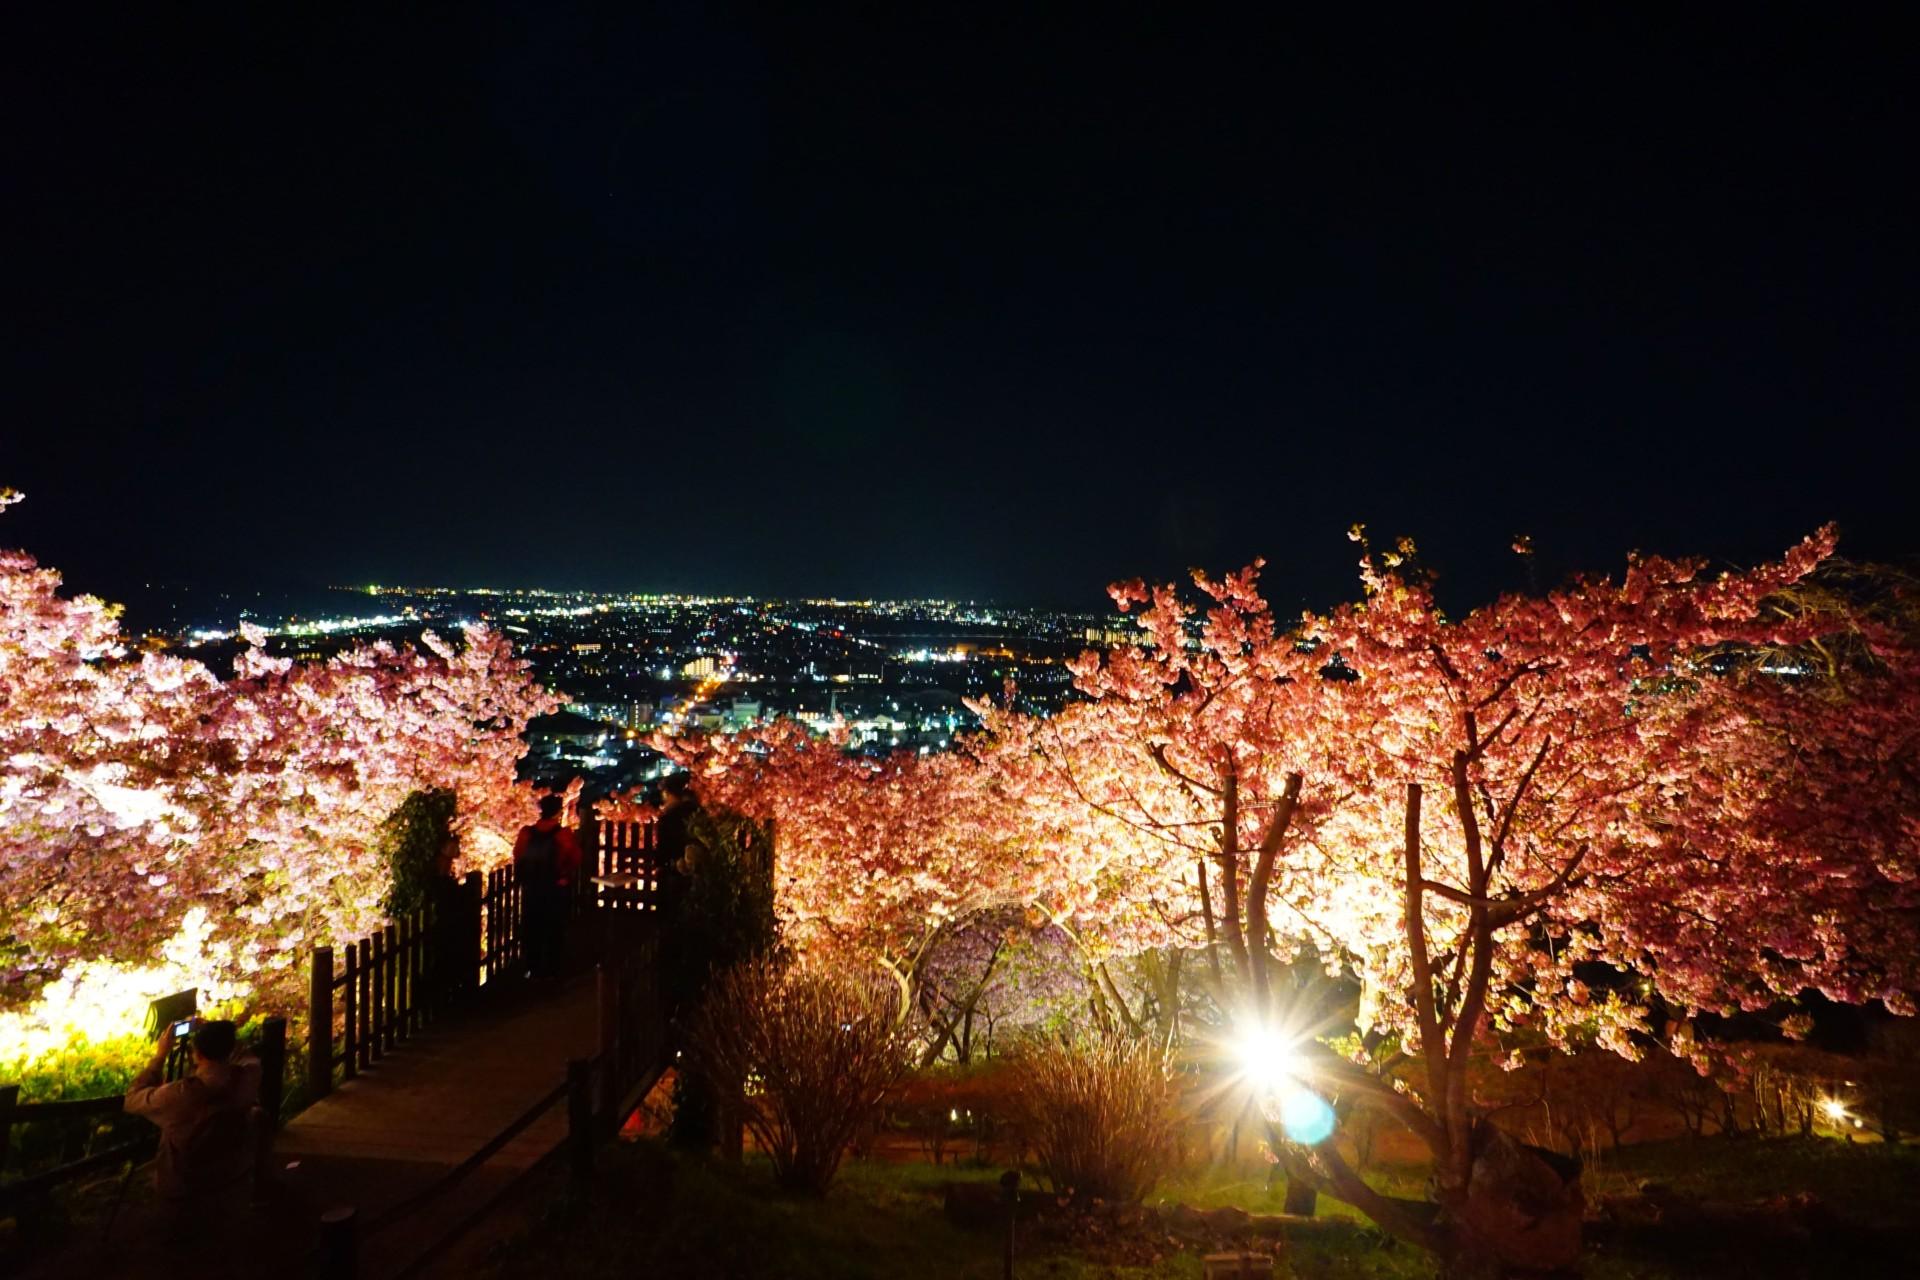 まつだ桜まつりのライトアップ